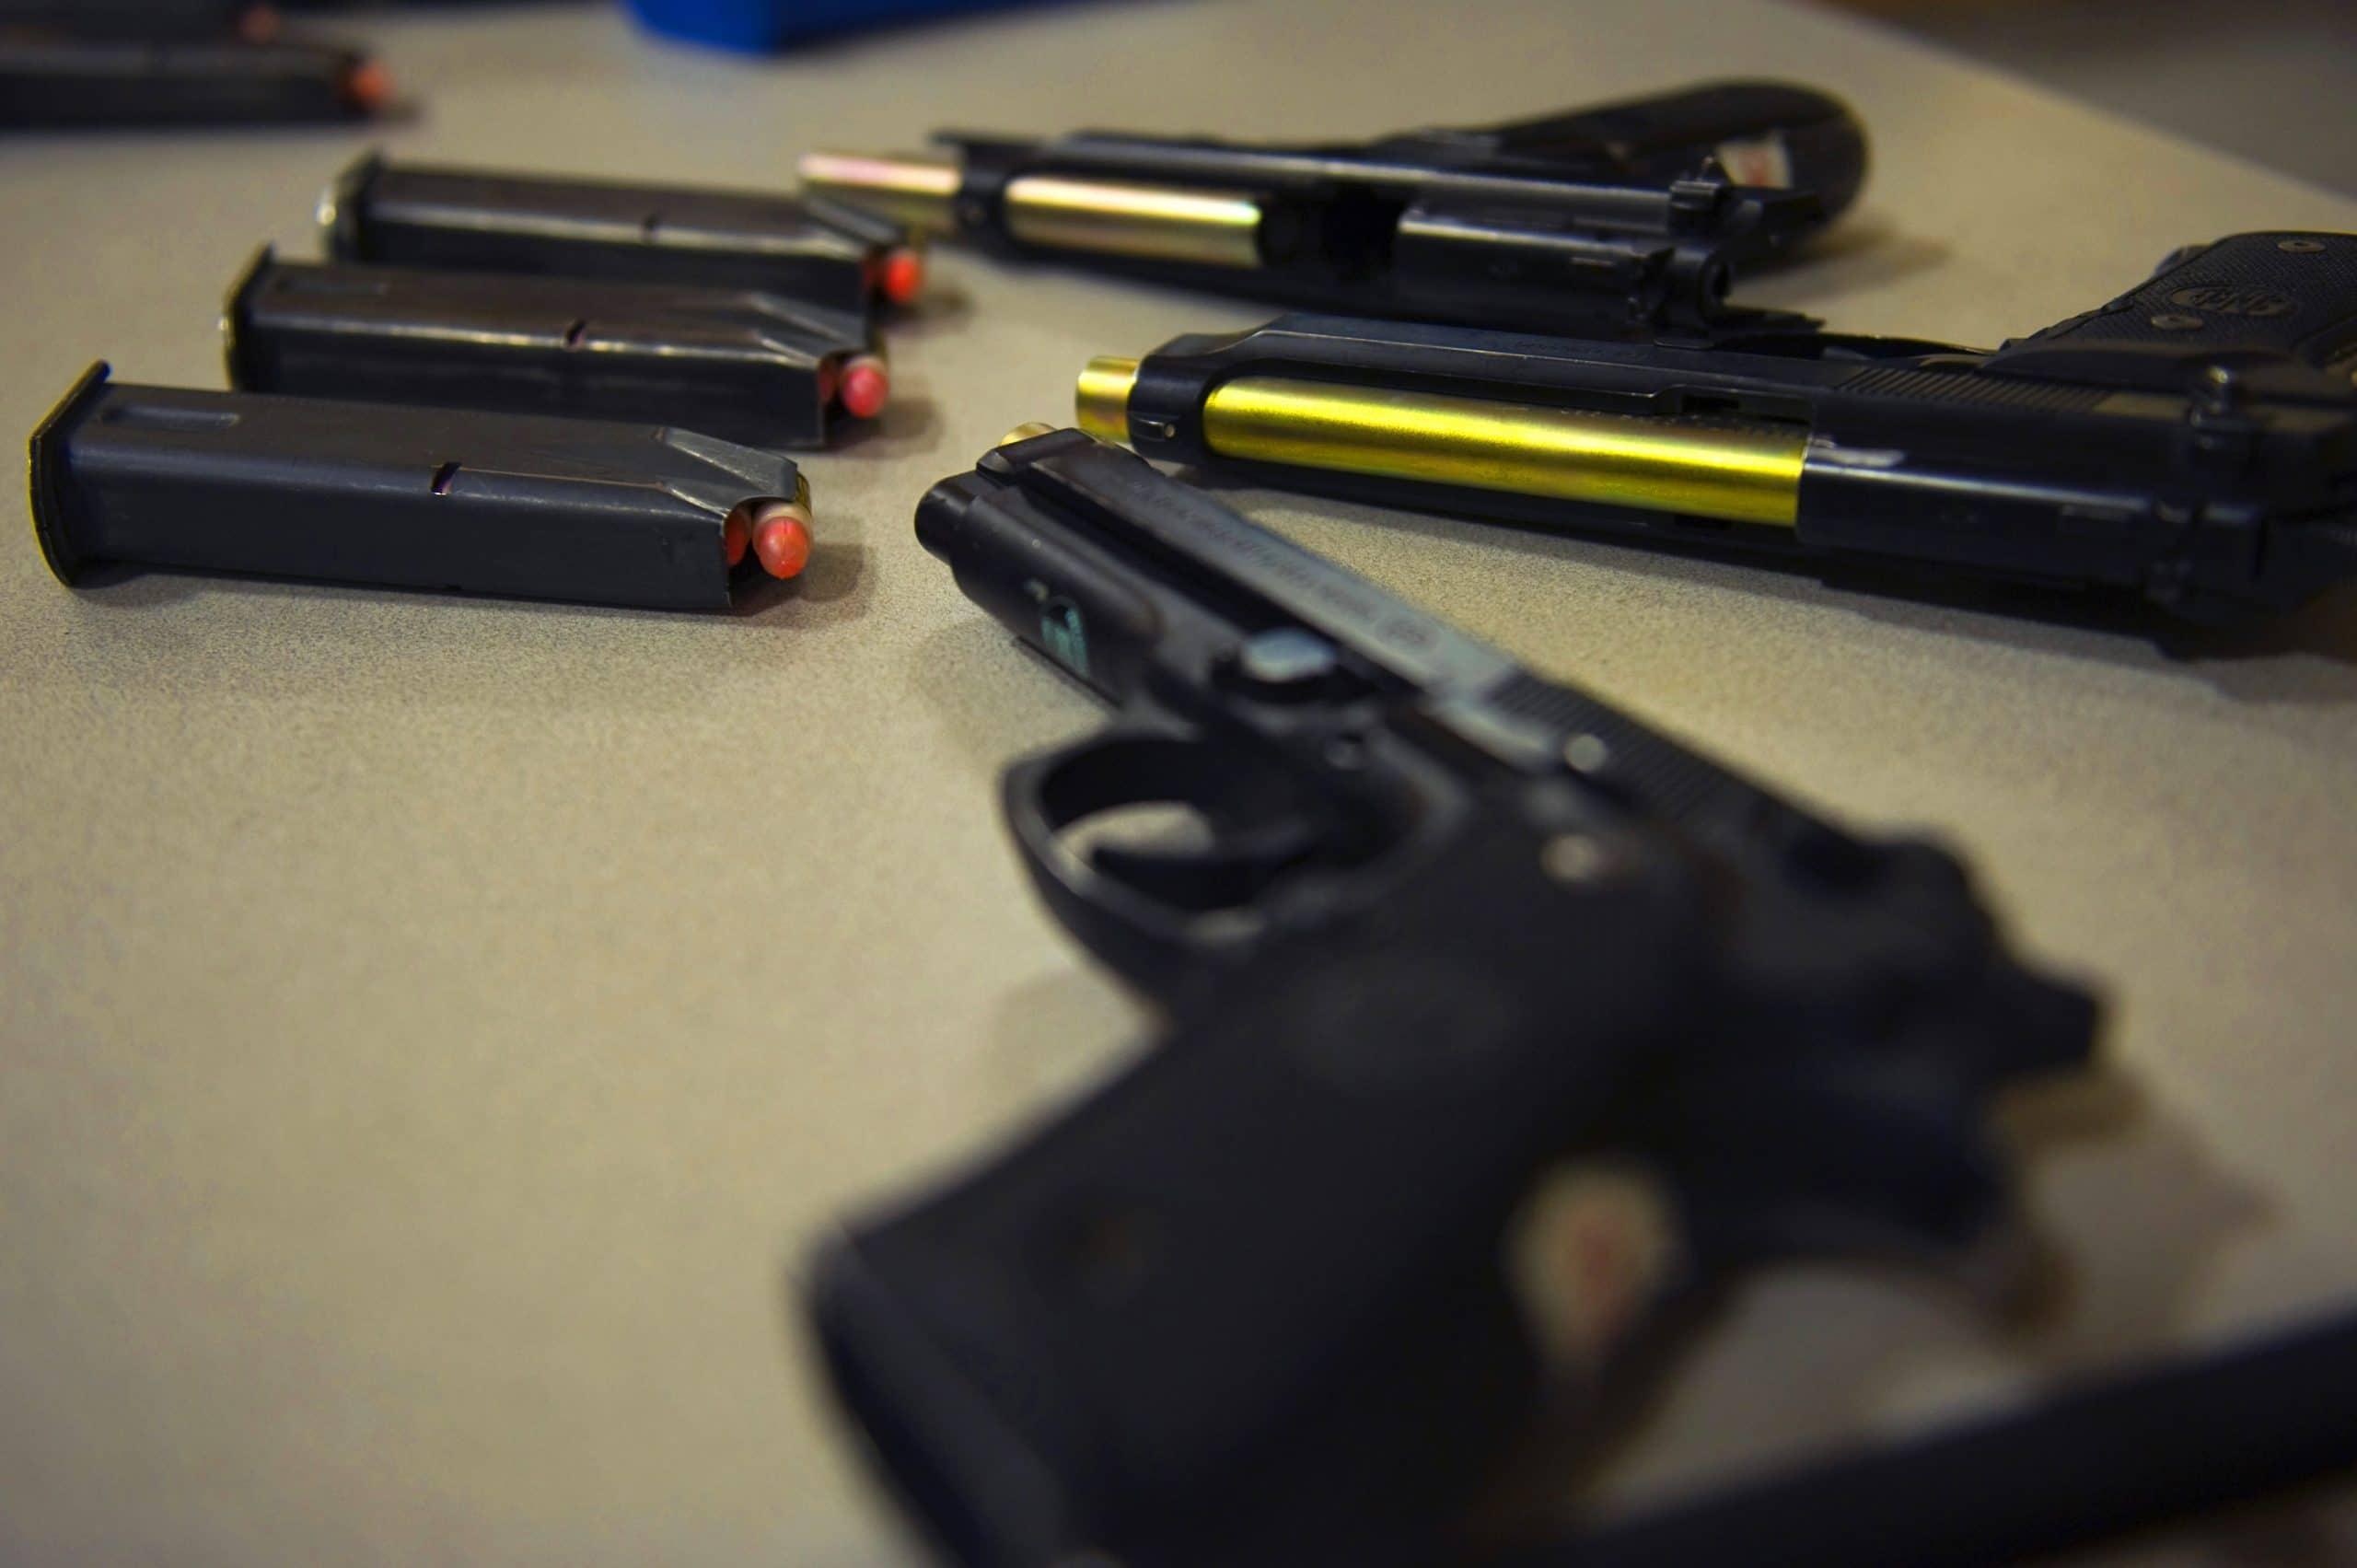 Nevada's Gun Laws Come Under Increased Scrutiny